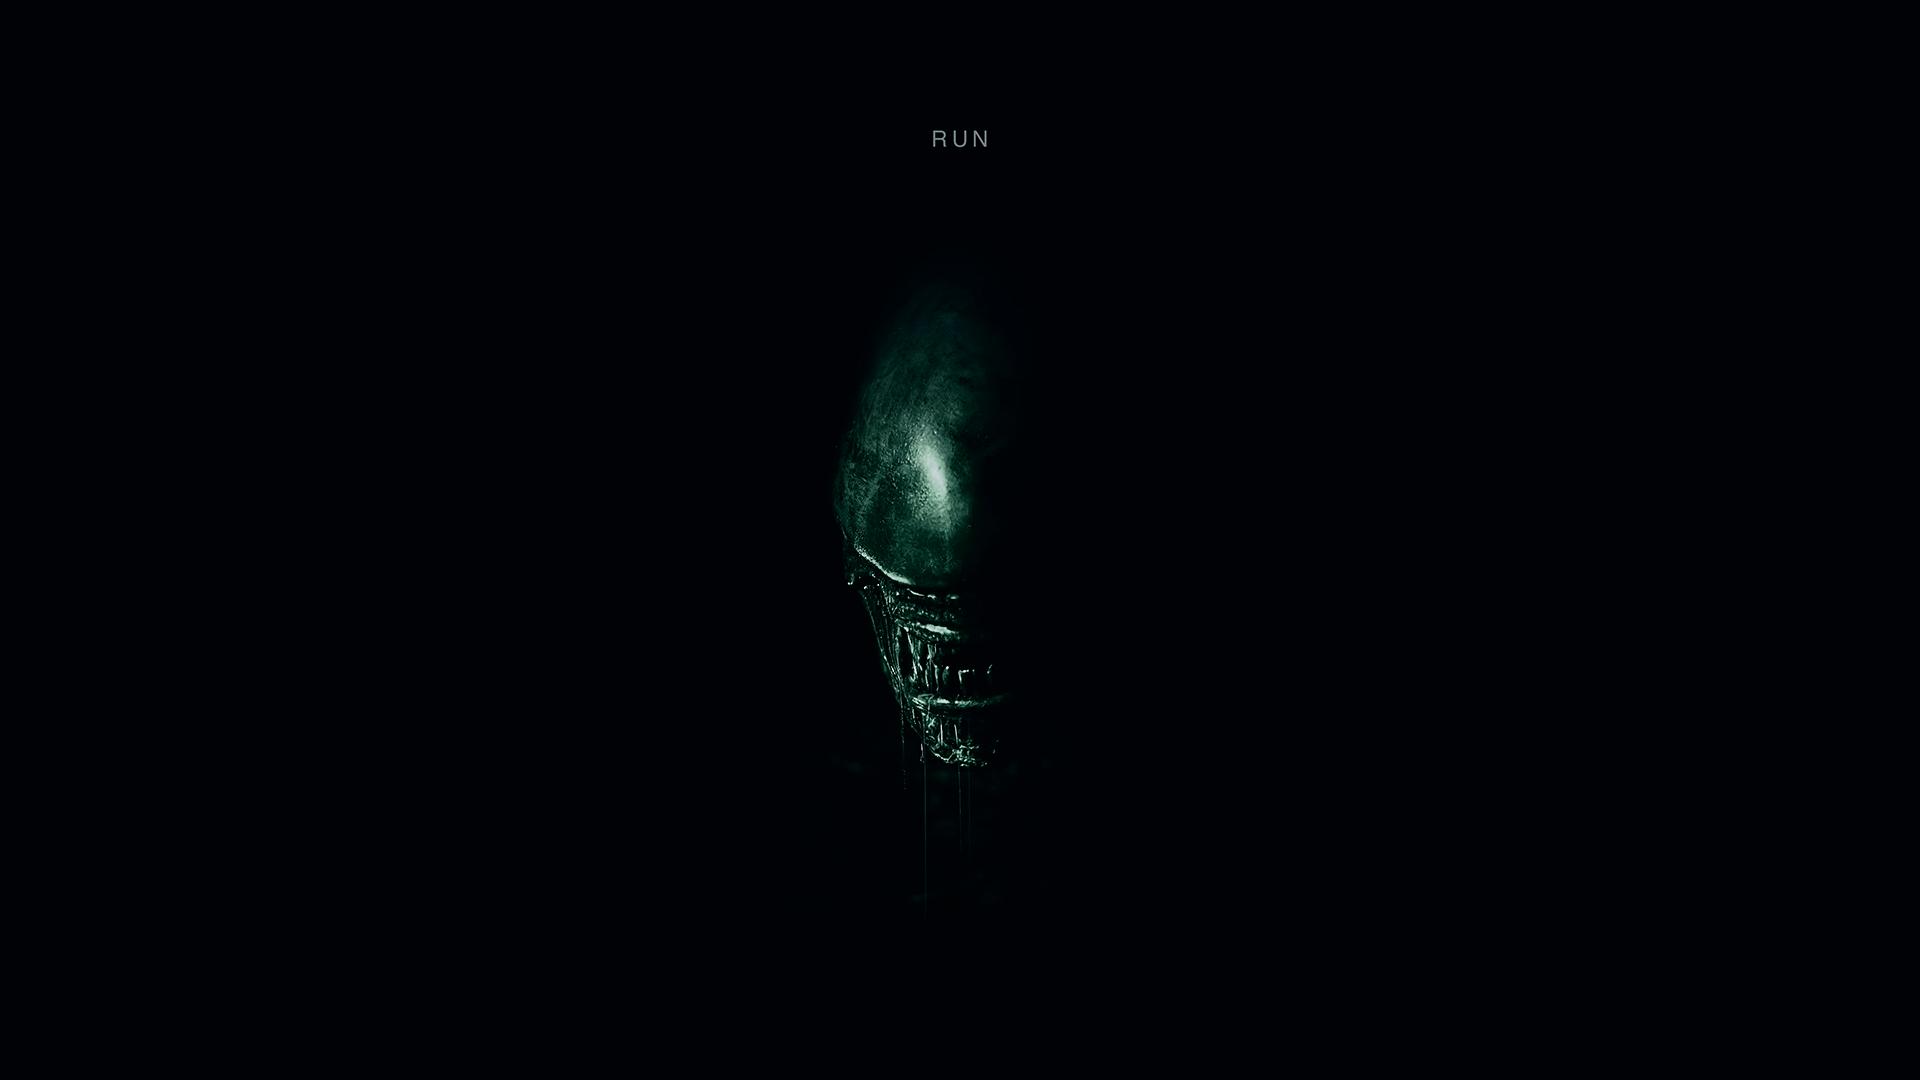 alien covenant run poster wallpaper-#7